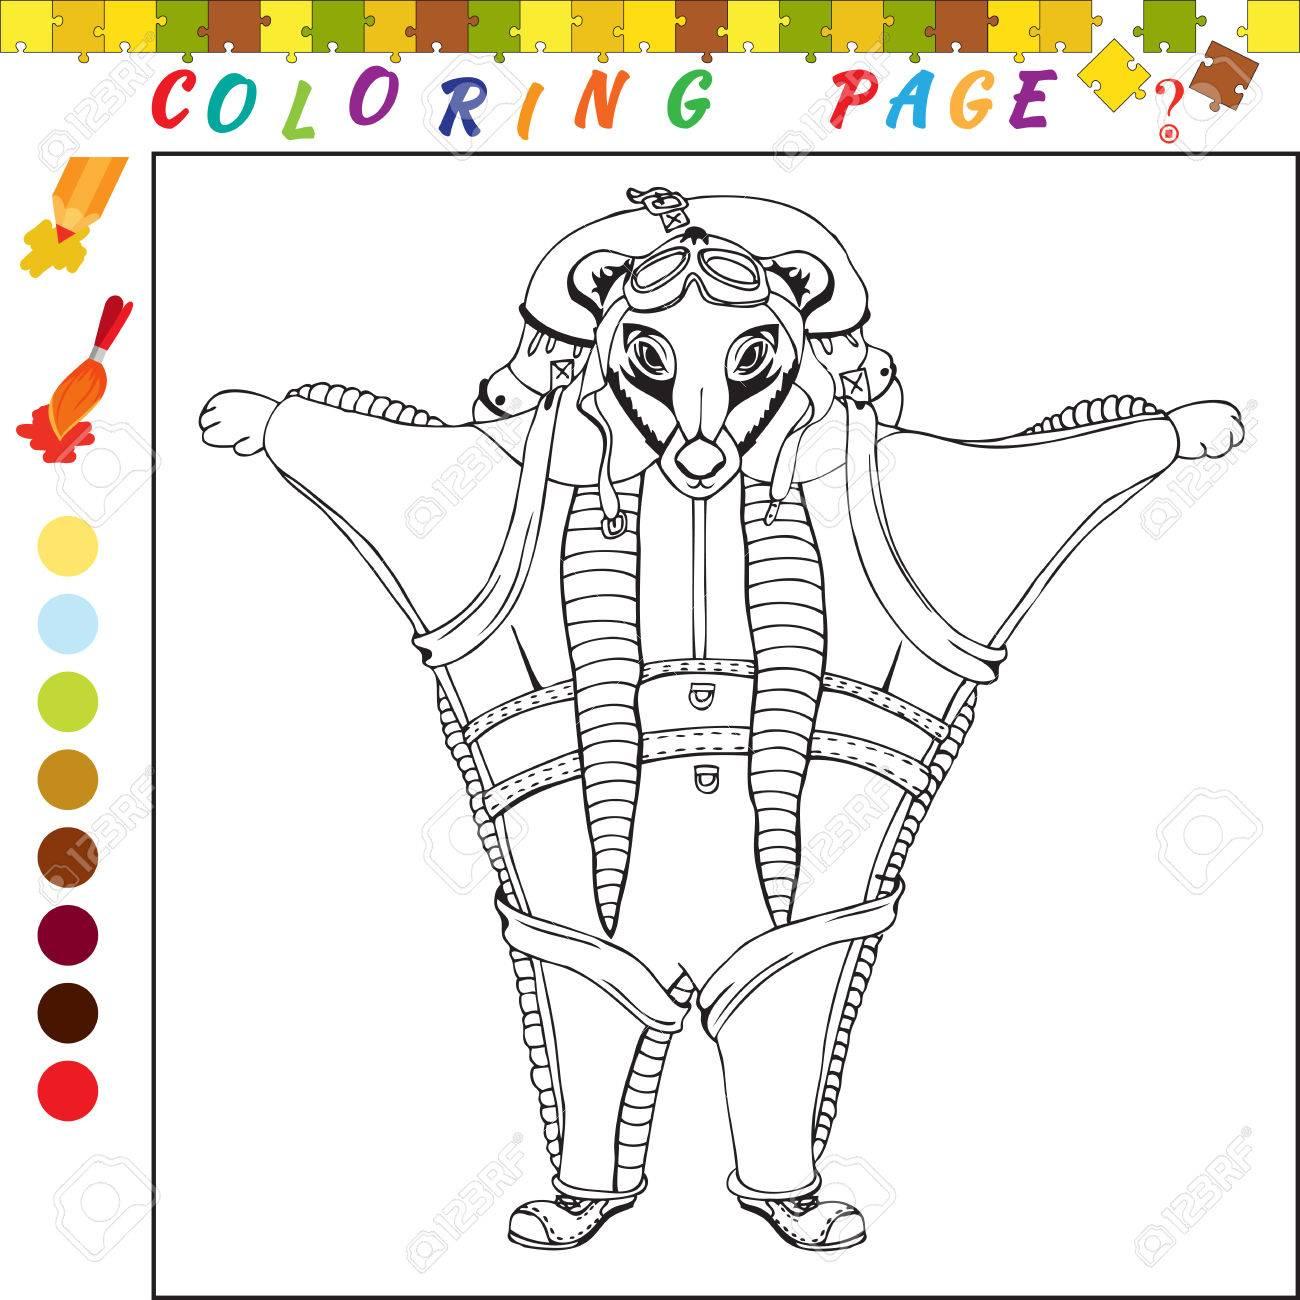 Groß Farbpapiere Für Kinder Fotos - Malvorlagen Von Tieren - ngadi.info